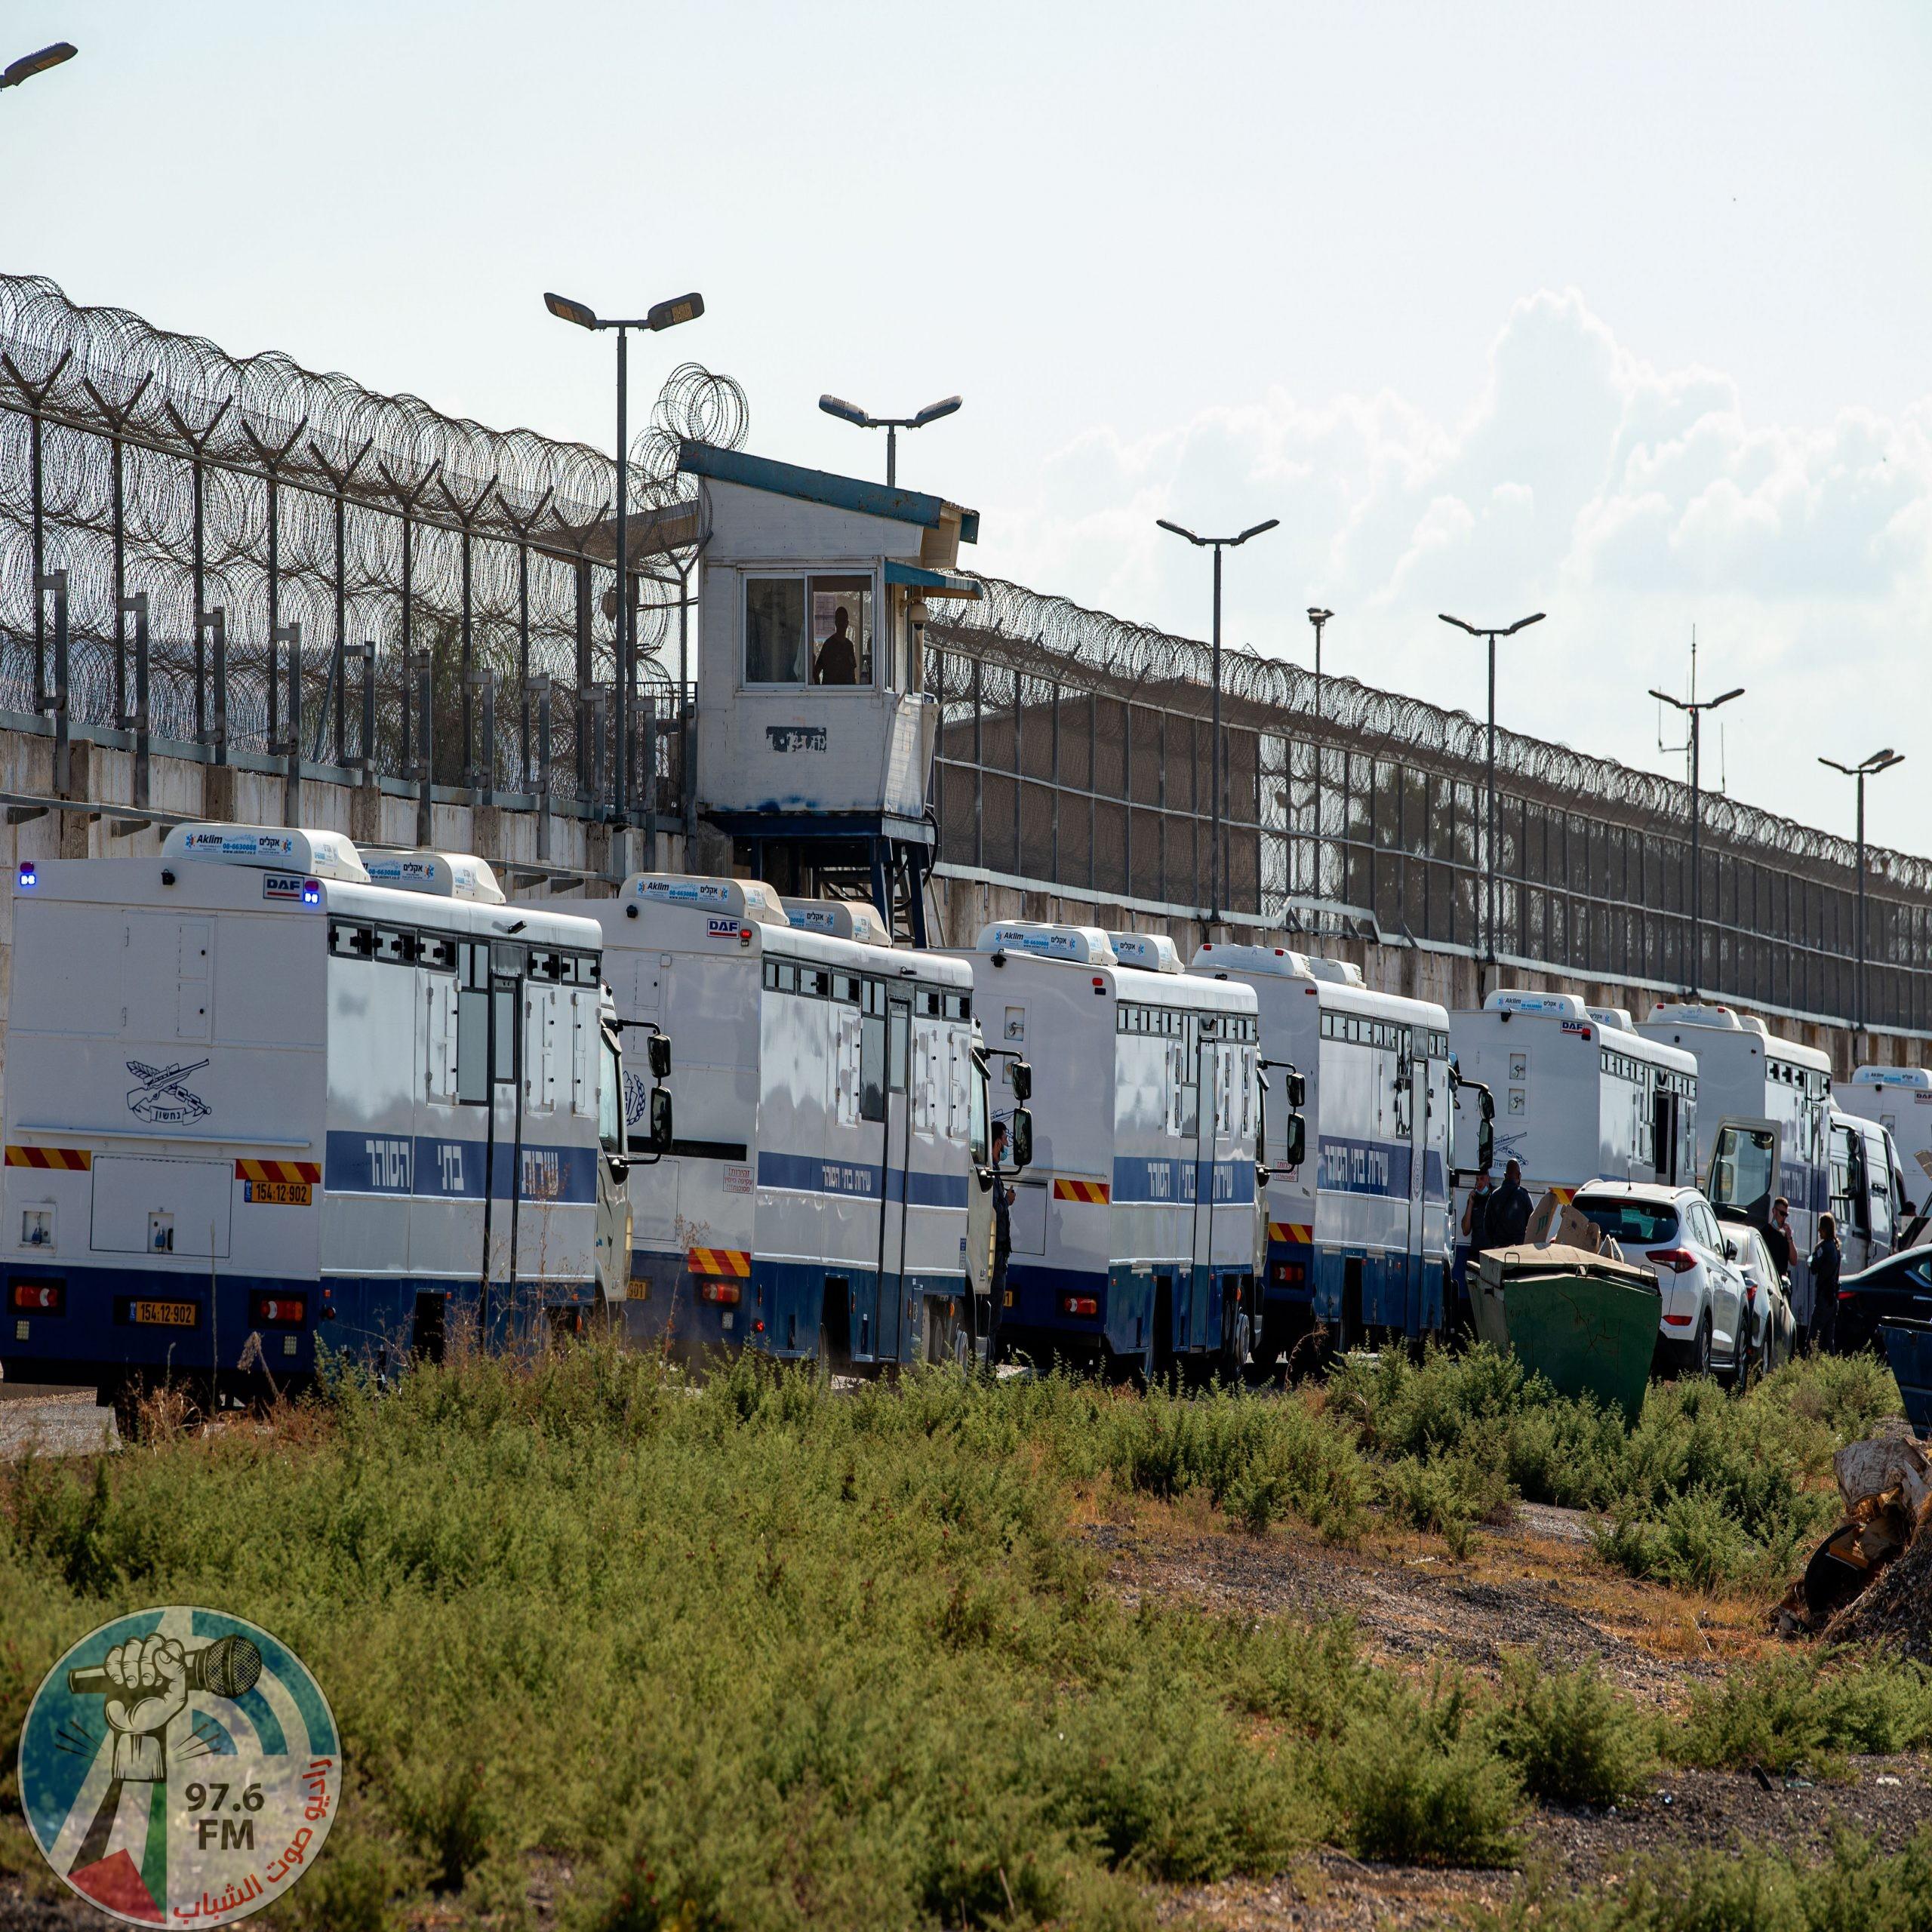 محكمة الاحتلال ترفض التماسا للسماح بزيارة الأسرى الأربعة المعاد اعتقالهم